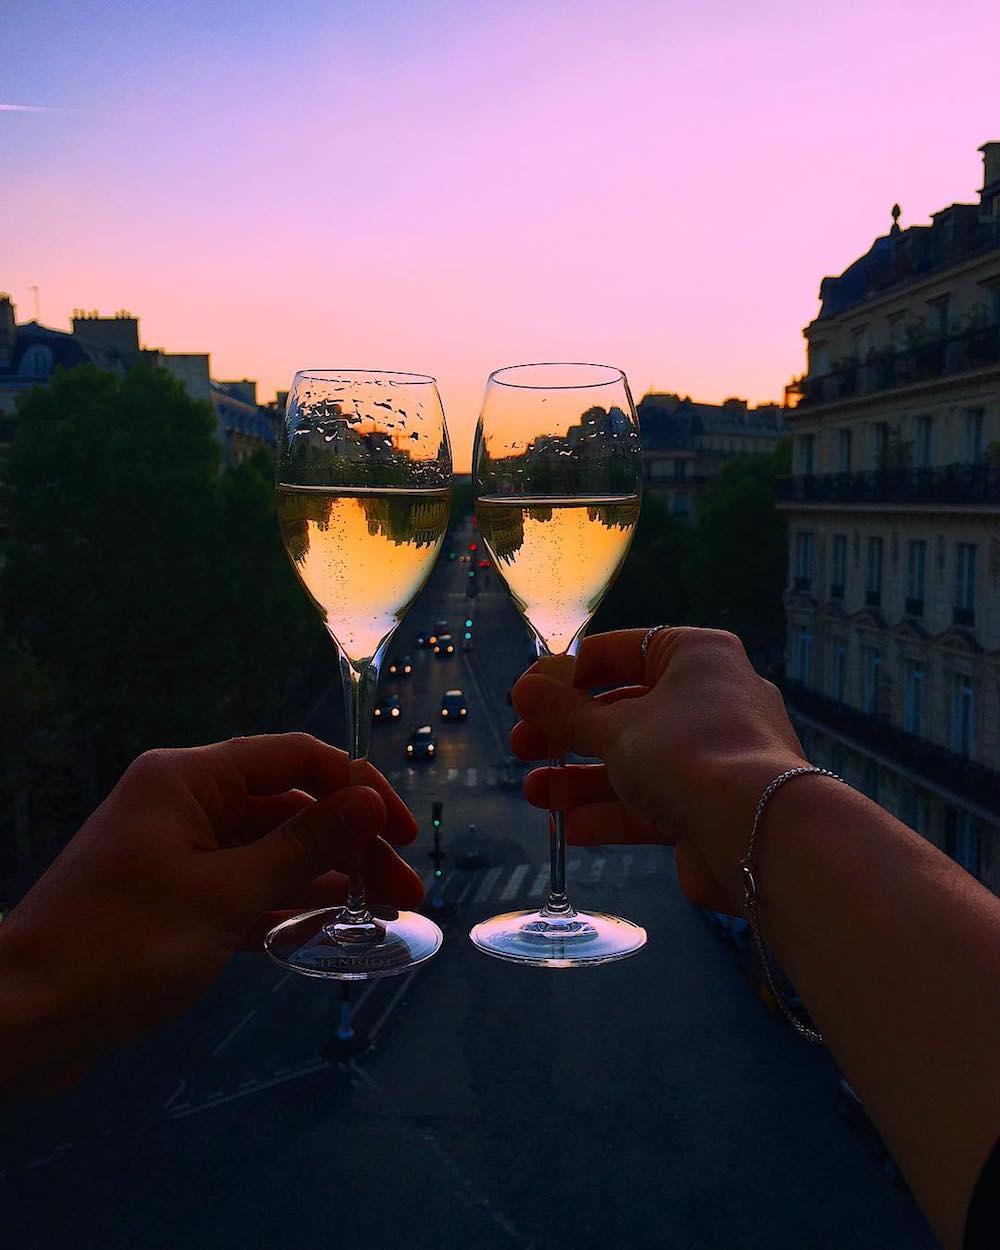 staycation-week-end-amoureux-paris-idee-surprendre-amoureux-champagne-balcon-vue-paris